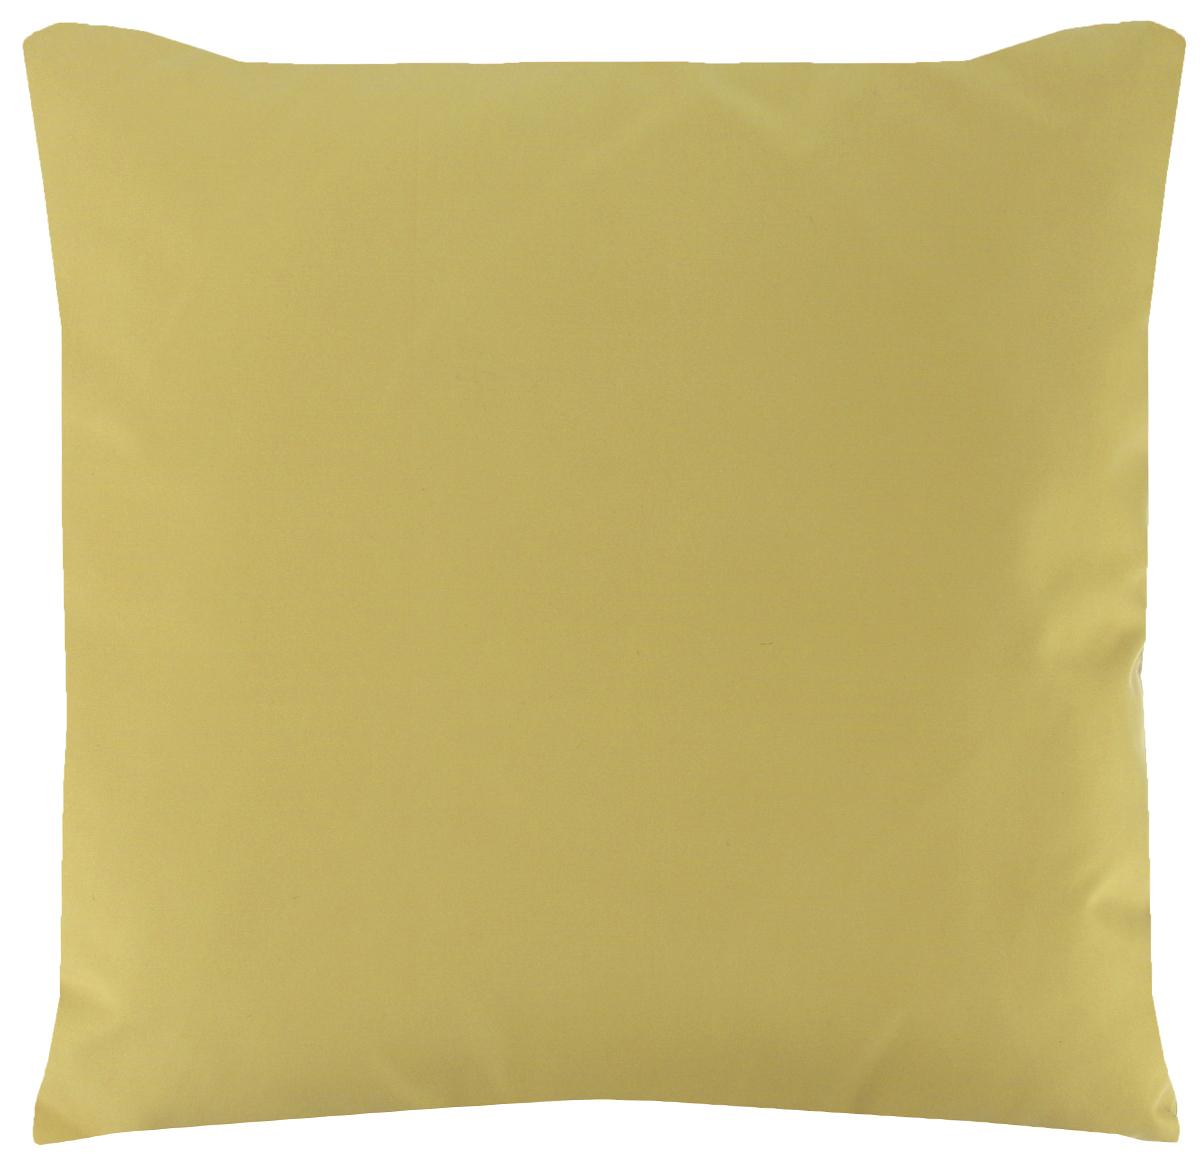 Подушка декоративная Proffi Солнце, 43 х 43 смPLW-35Декоративная подушка Proffi Солнце - это яркое украшение вашего дома. Чехол выполнен из приятного на ощупь полиэстера. Чехол закрывается на молнию. Внутри - мягкий наполнитель из синтепона.Стильная и яркая подушка эффектно украсит интерьер и добавит в привычную обстановку изысканность и роскошь.